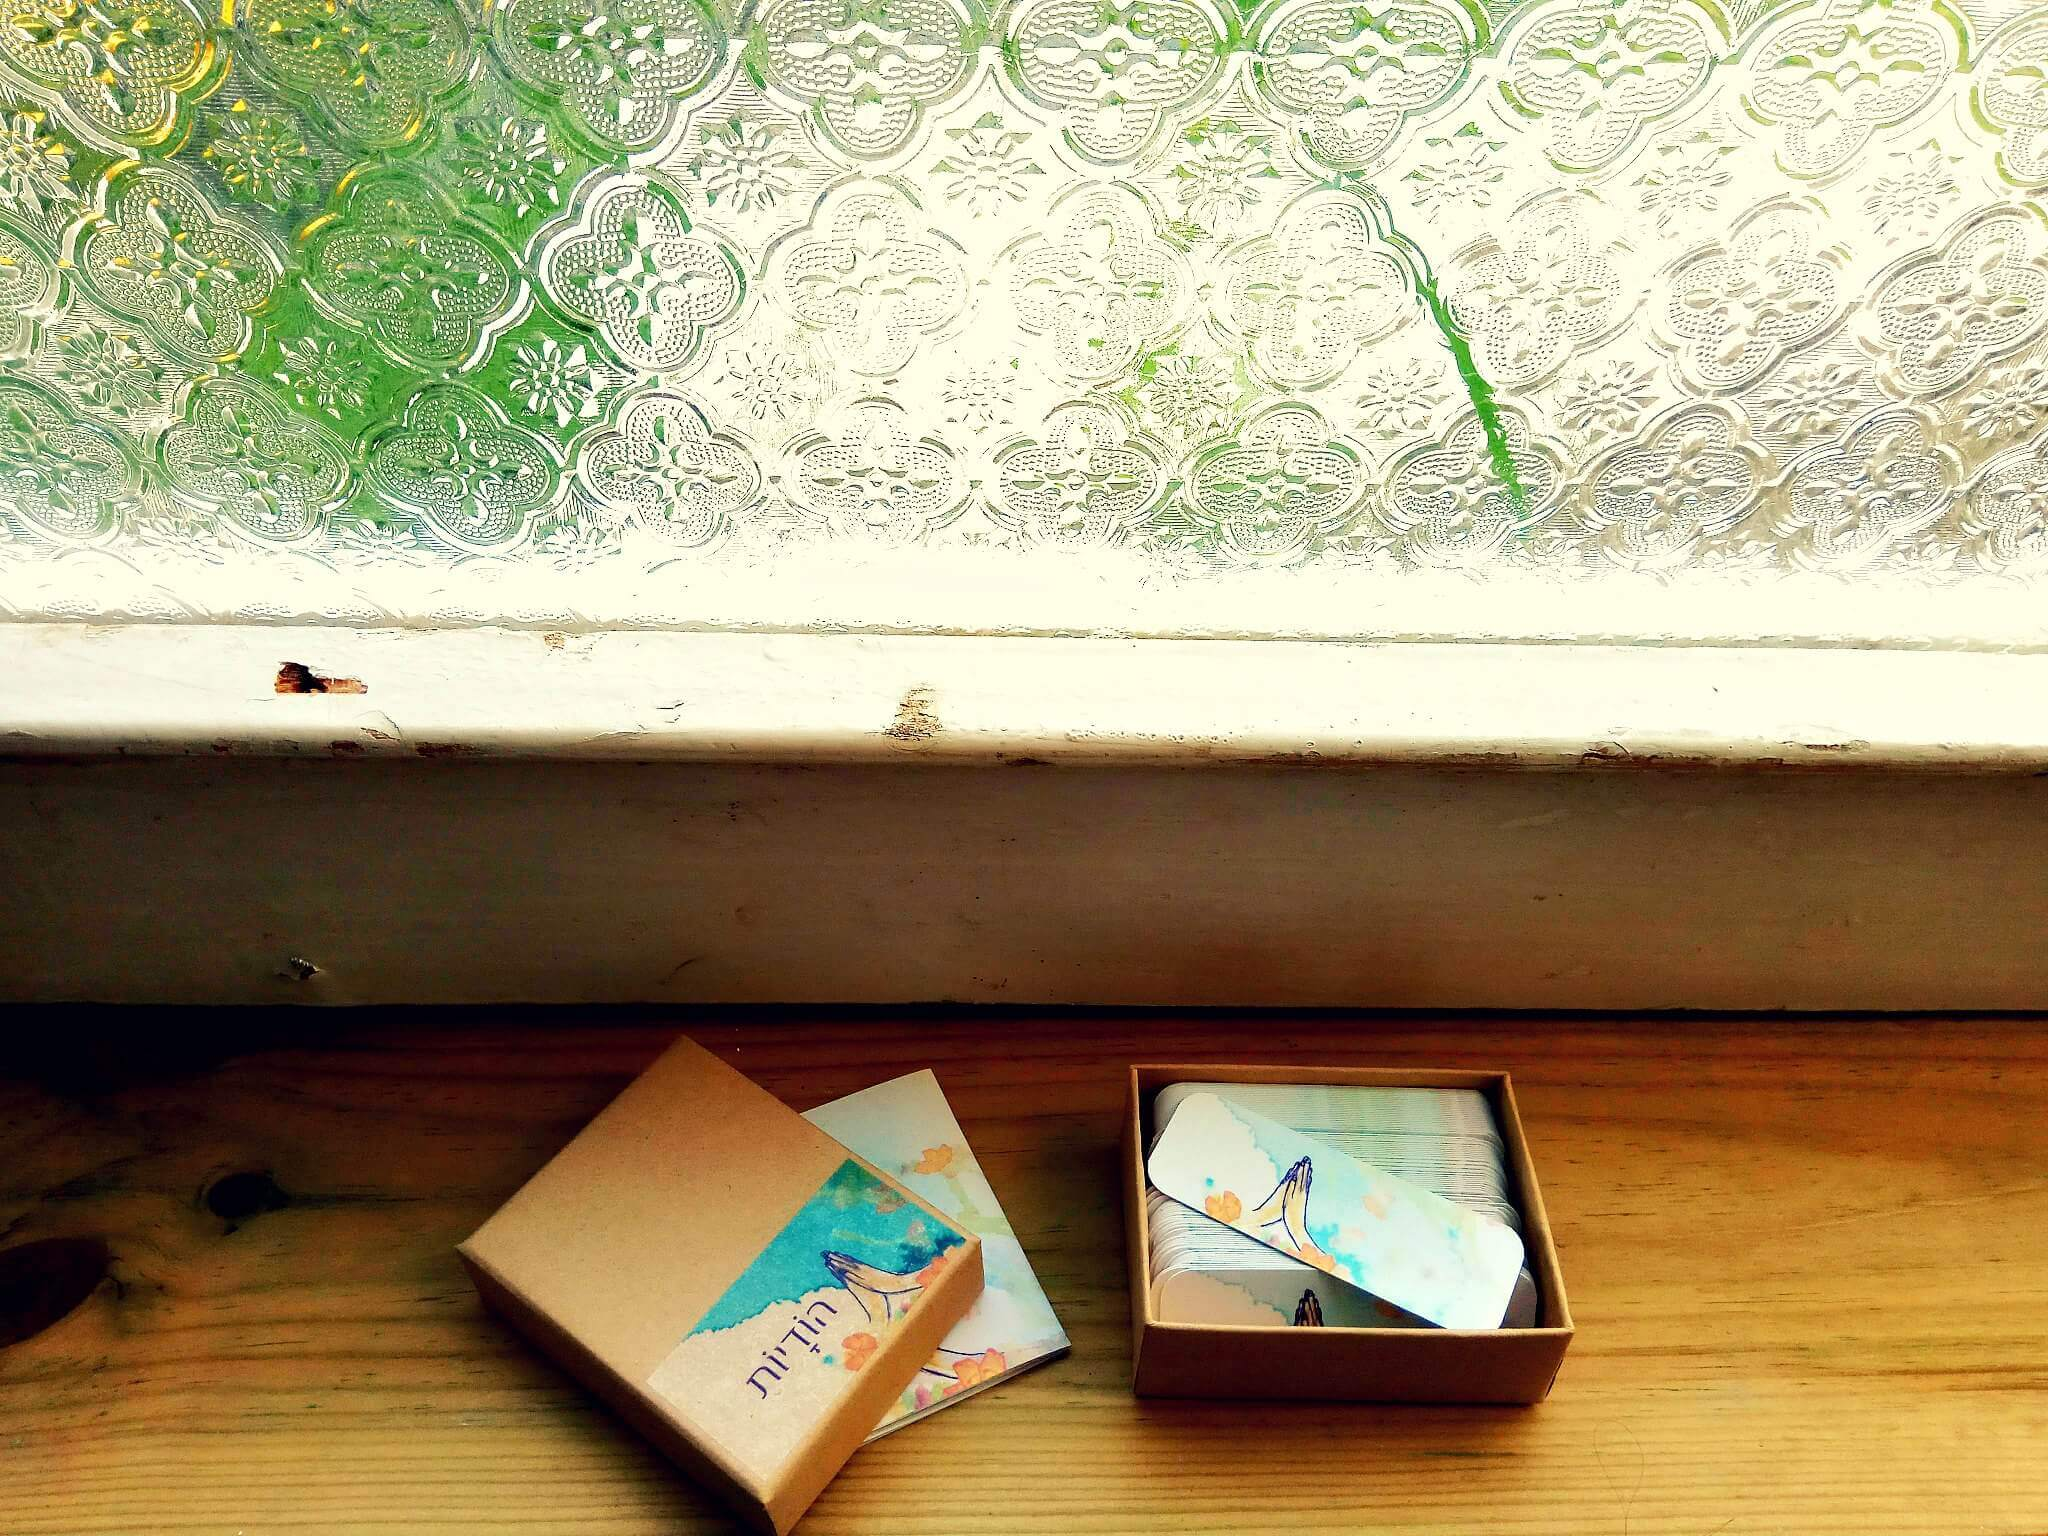 קופסא פתוחה על החלון